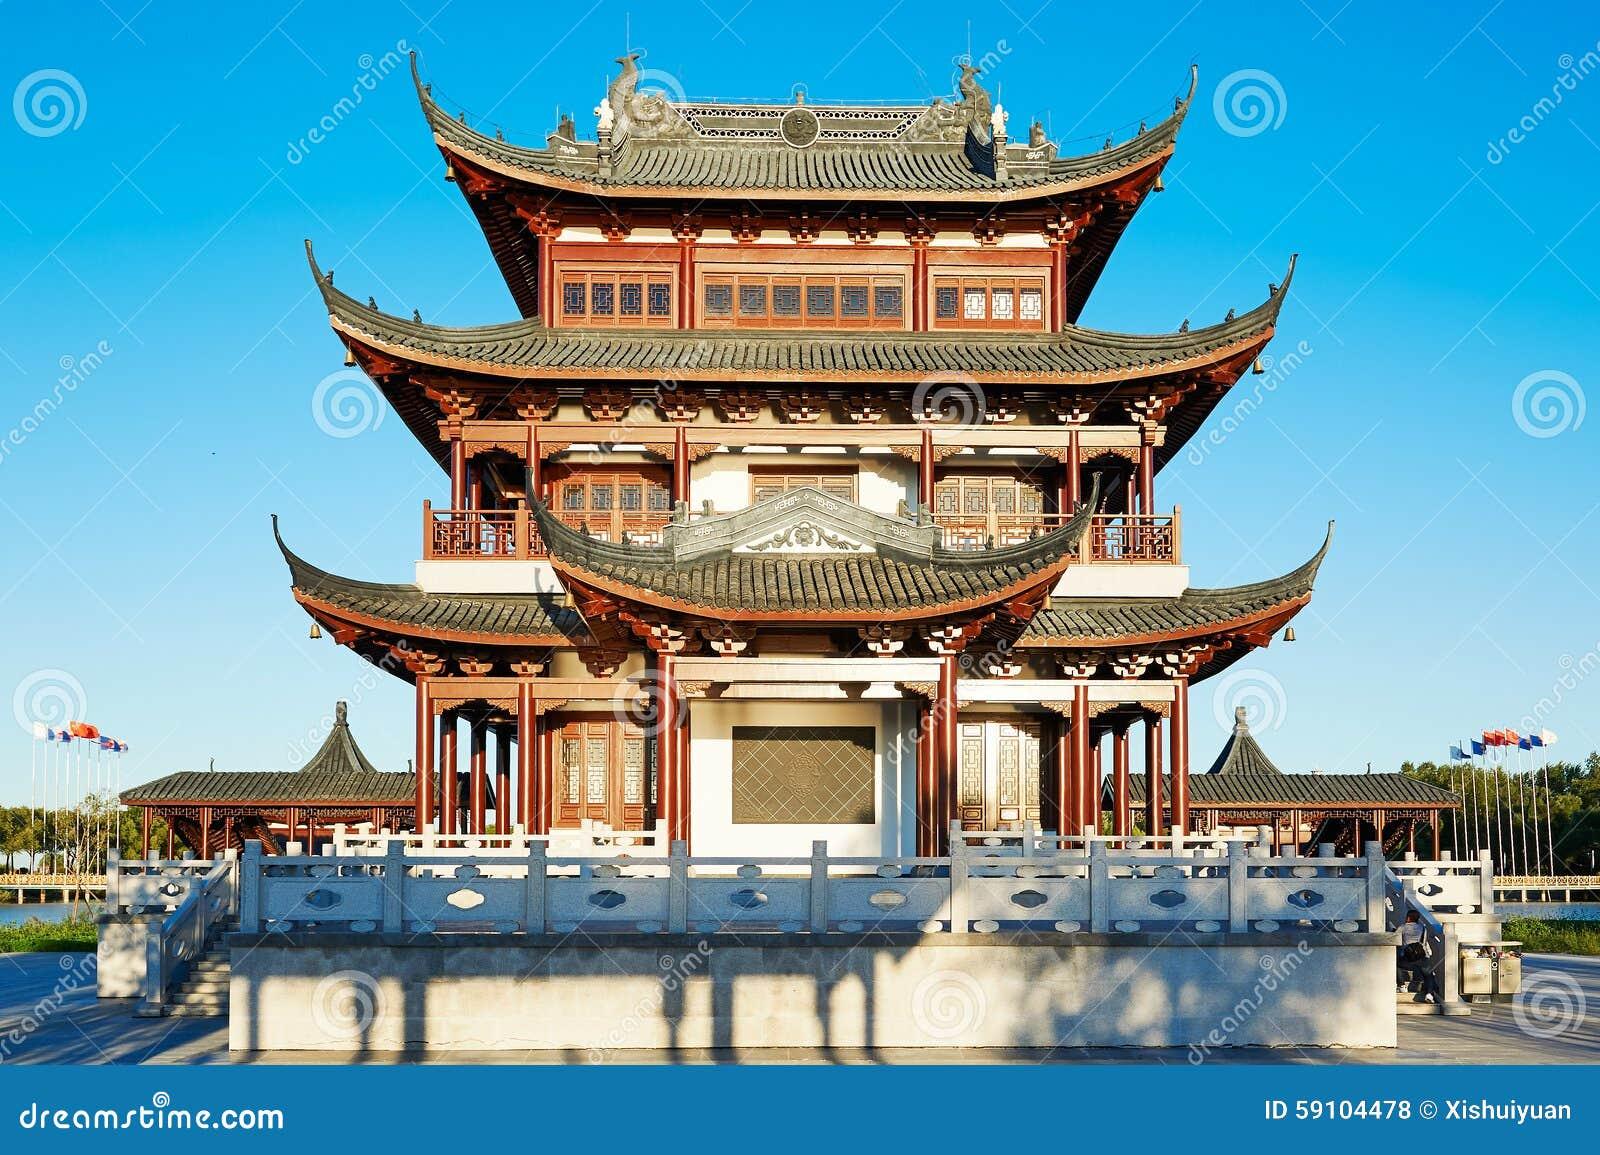 中国特色建筑有哪些_中国建筑有什么特点?